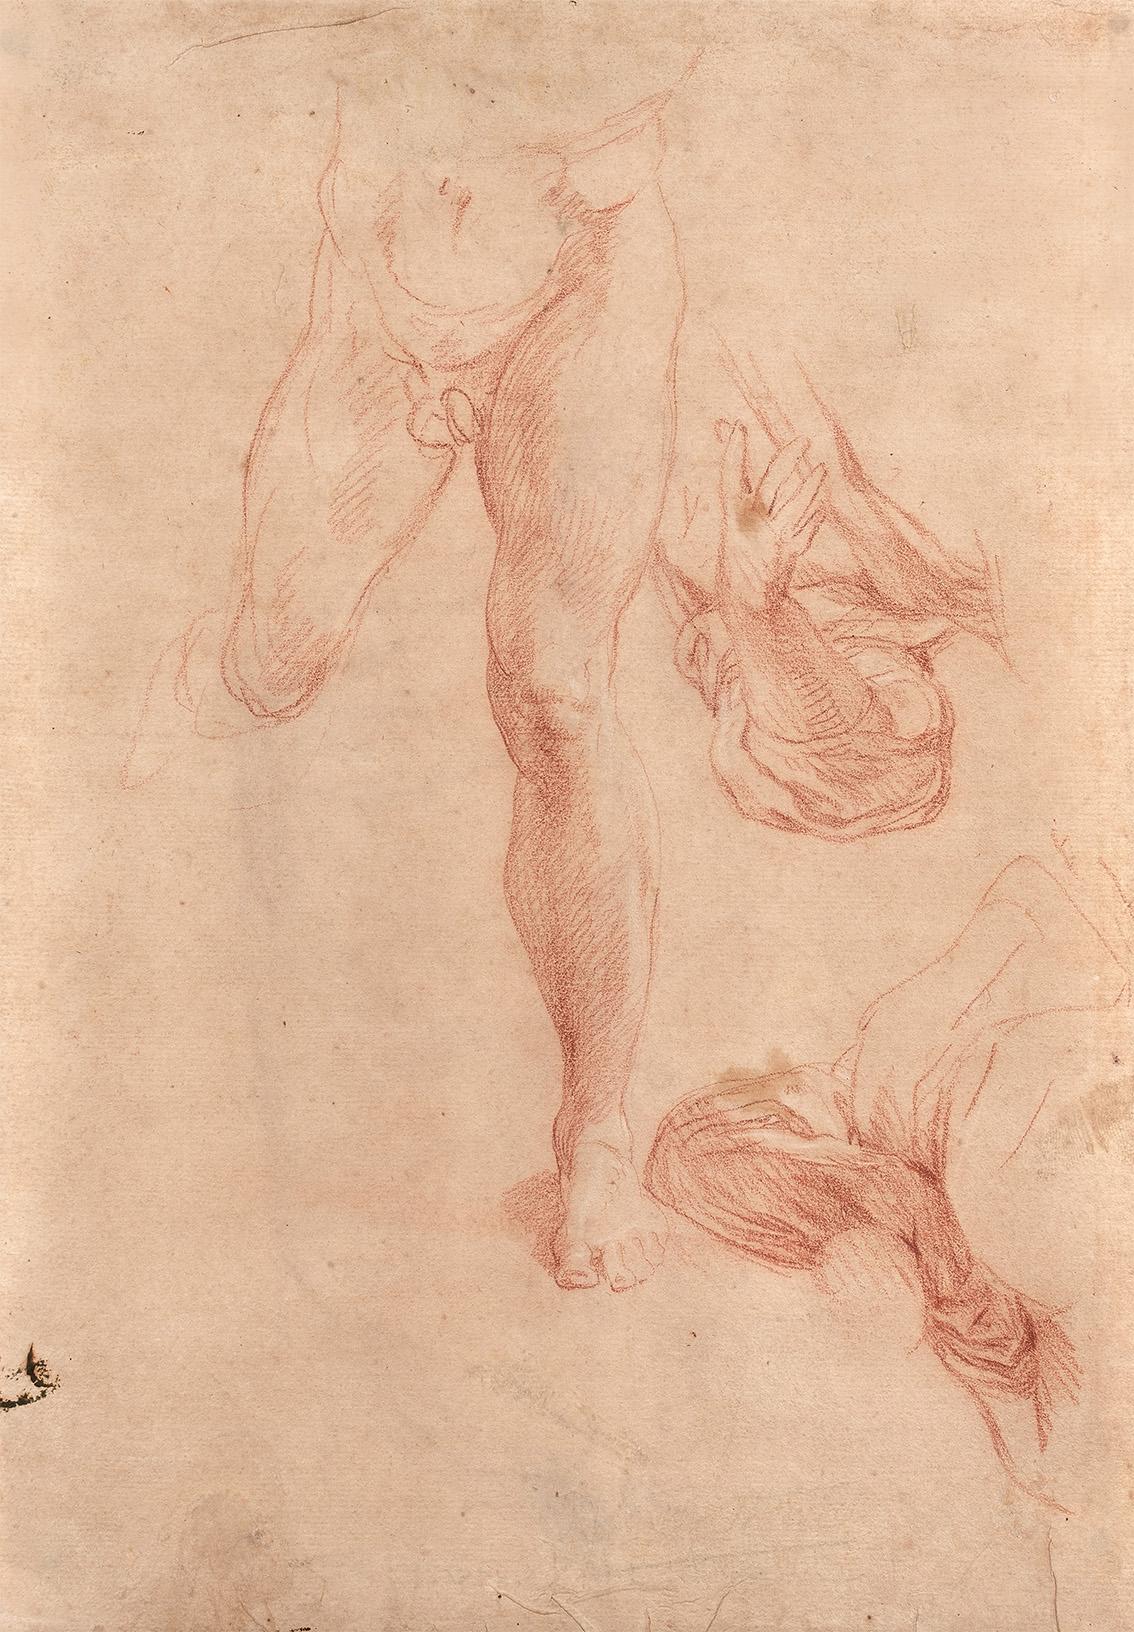 Étude de jambes et études de bras, préparatoires à La Chute de Simon le Magicien (recto)  Étude de draperie, préparatoire au Choix d'Hercule (verso)